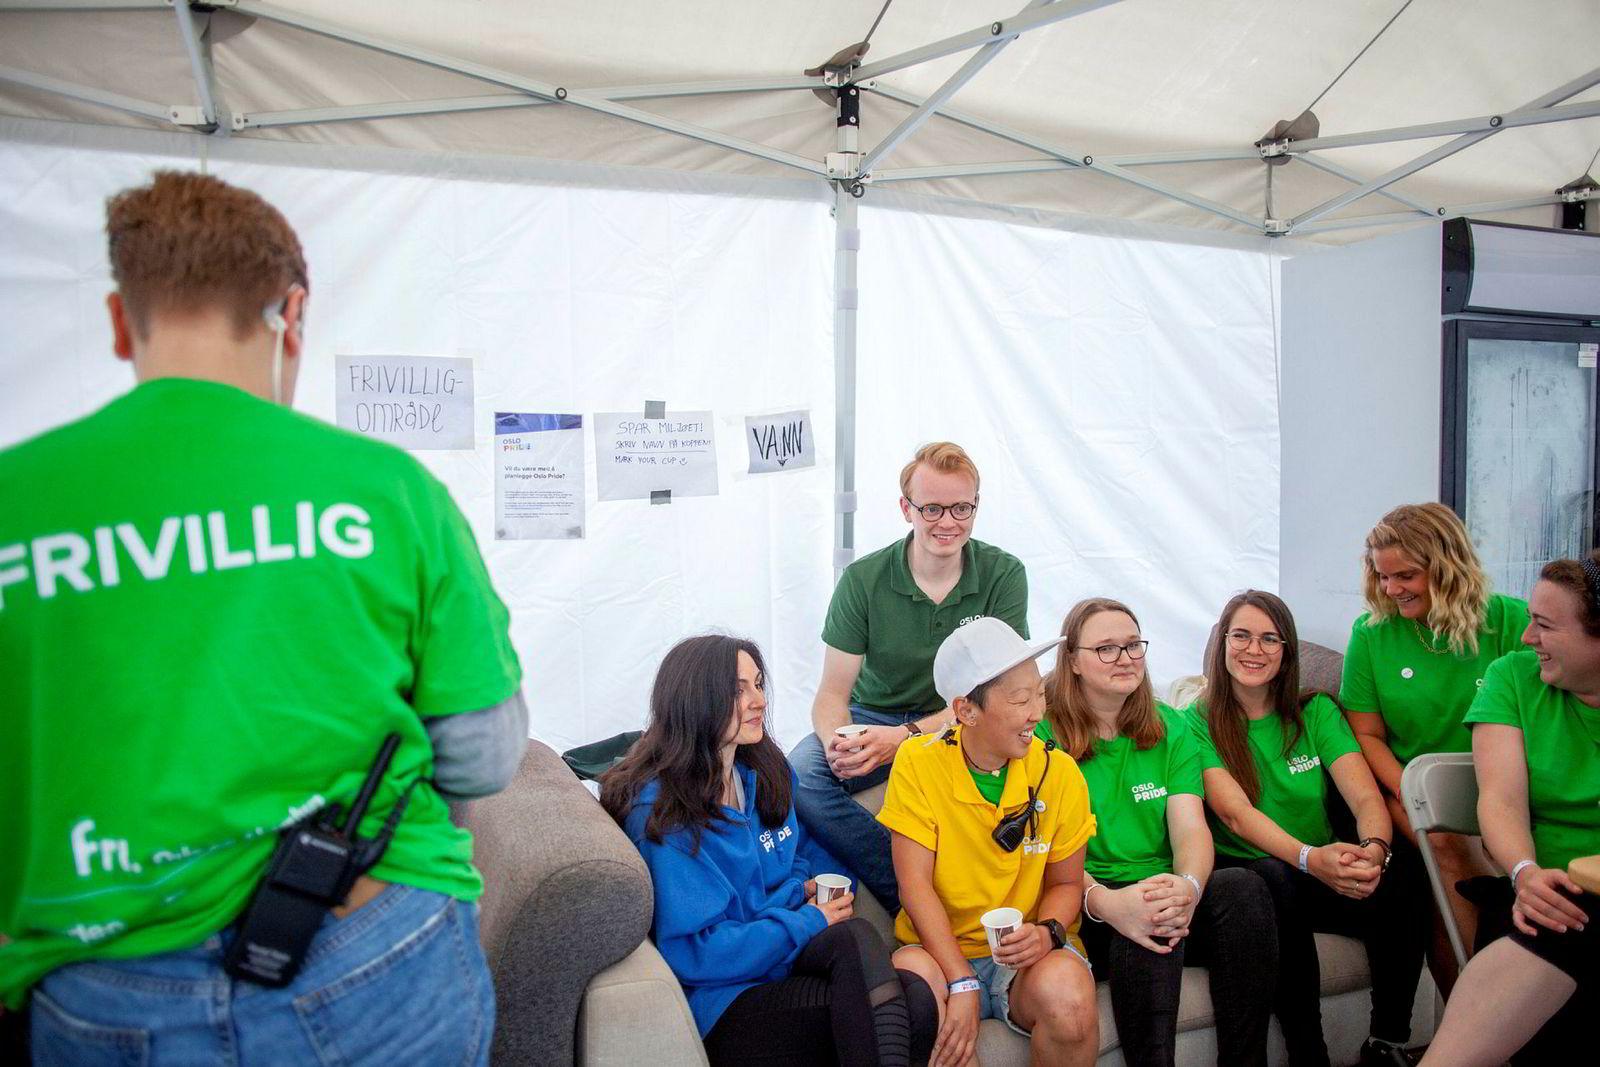 Motoren i Pride drives av frivillige. Fra høyre: Ine Schillinger, Marte Johanne Bjerke lie, Marthe Schillinger, Marie Svean, Joo Helena Hansen, festivalsjef Fredrik Dreyer og Elaine Wergeland.